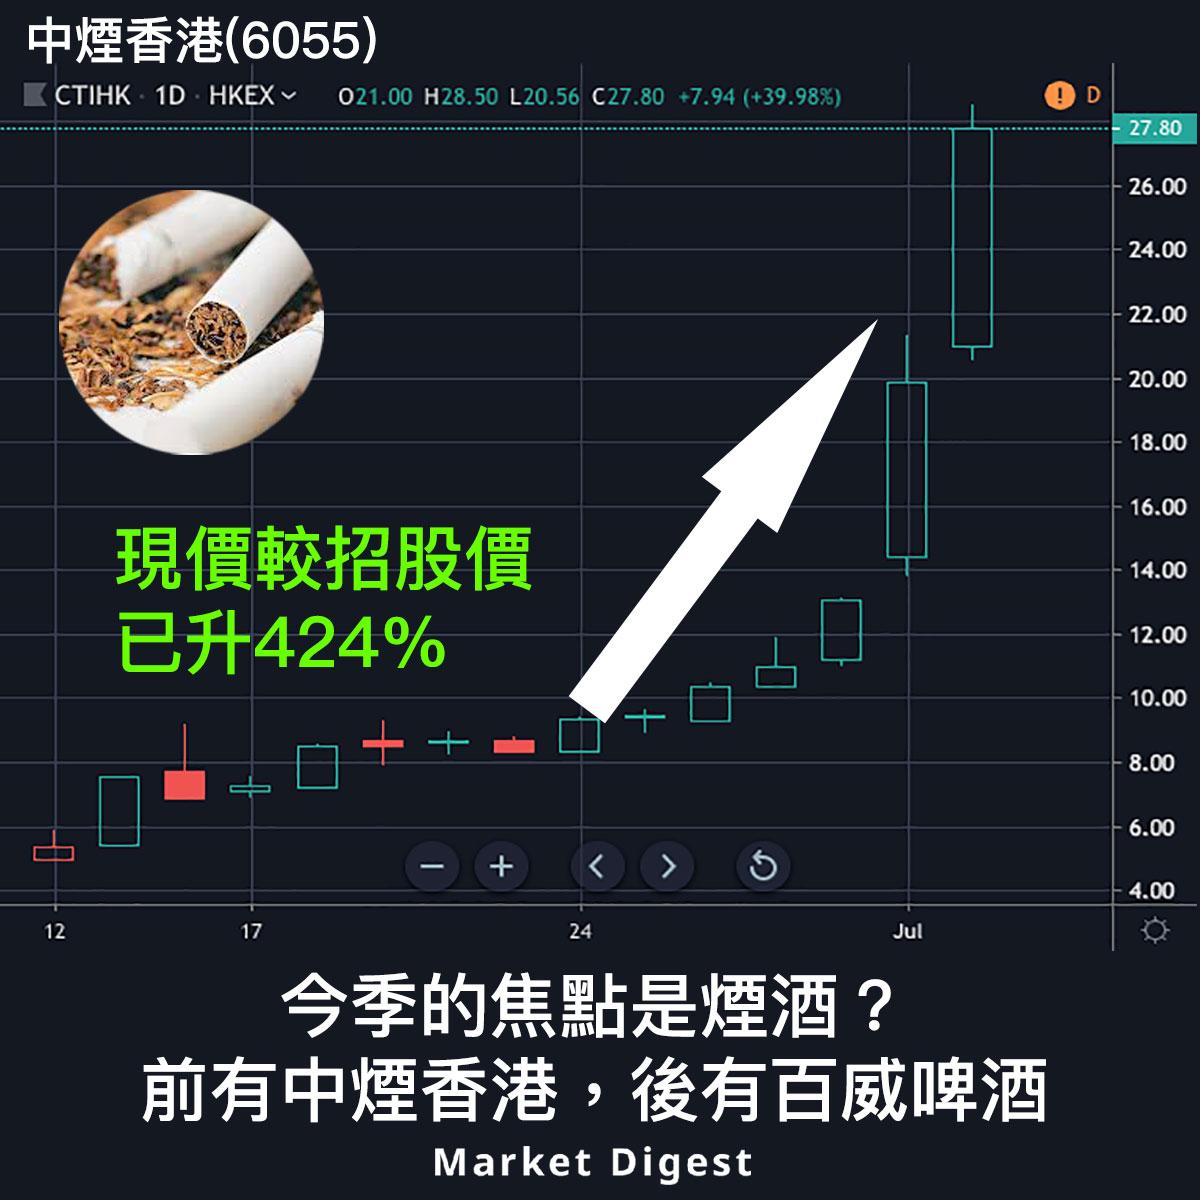 【新股焦點】中煙香港(6055)較招股價累升四倍,今季焦點是煙酒?